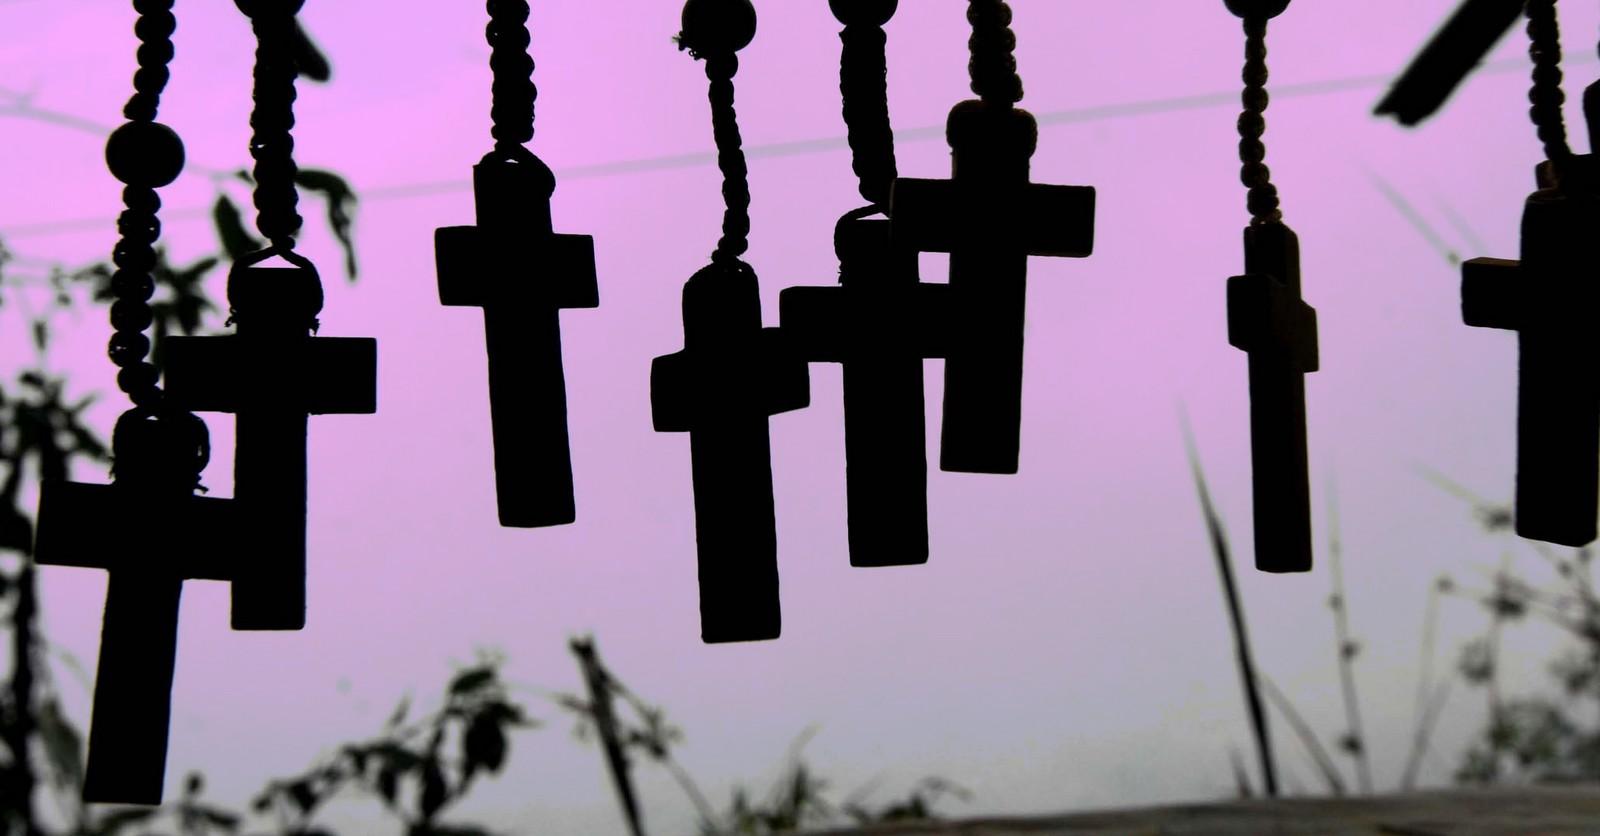 El Primer Exorcismo moderno Documentado: el Exorcismo de Nicole Aubrey